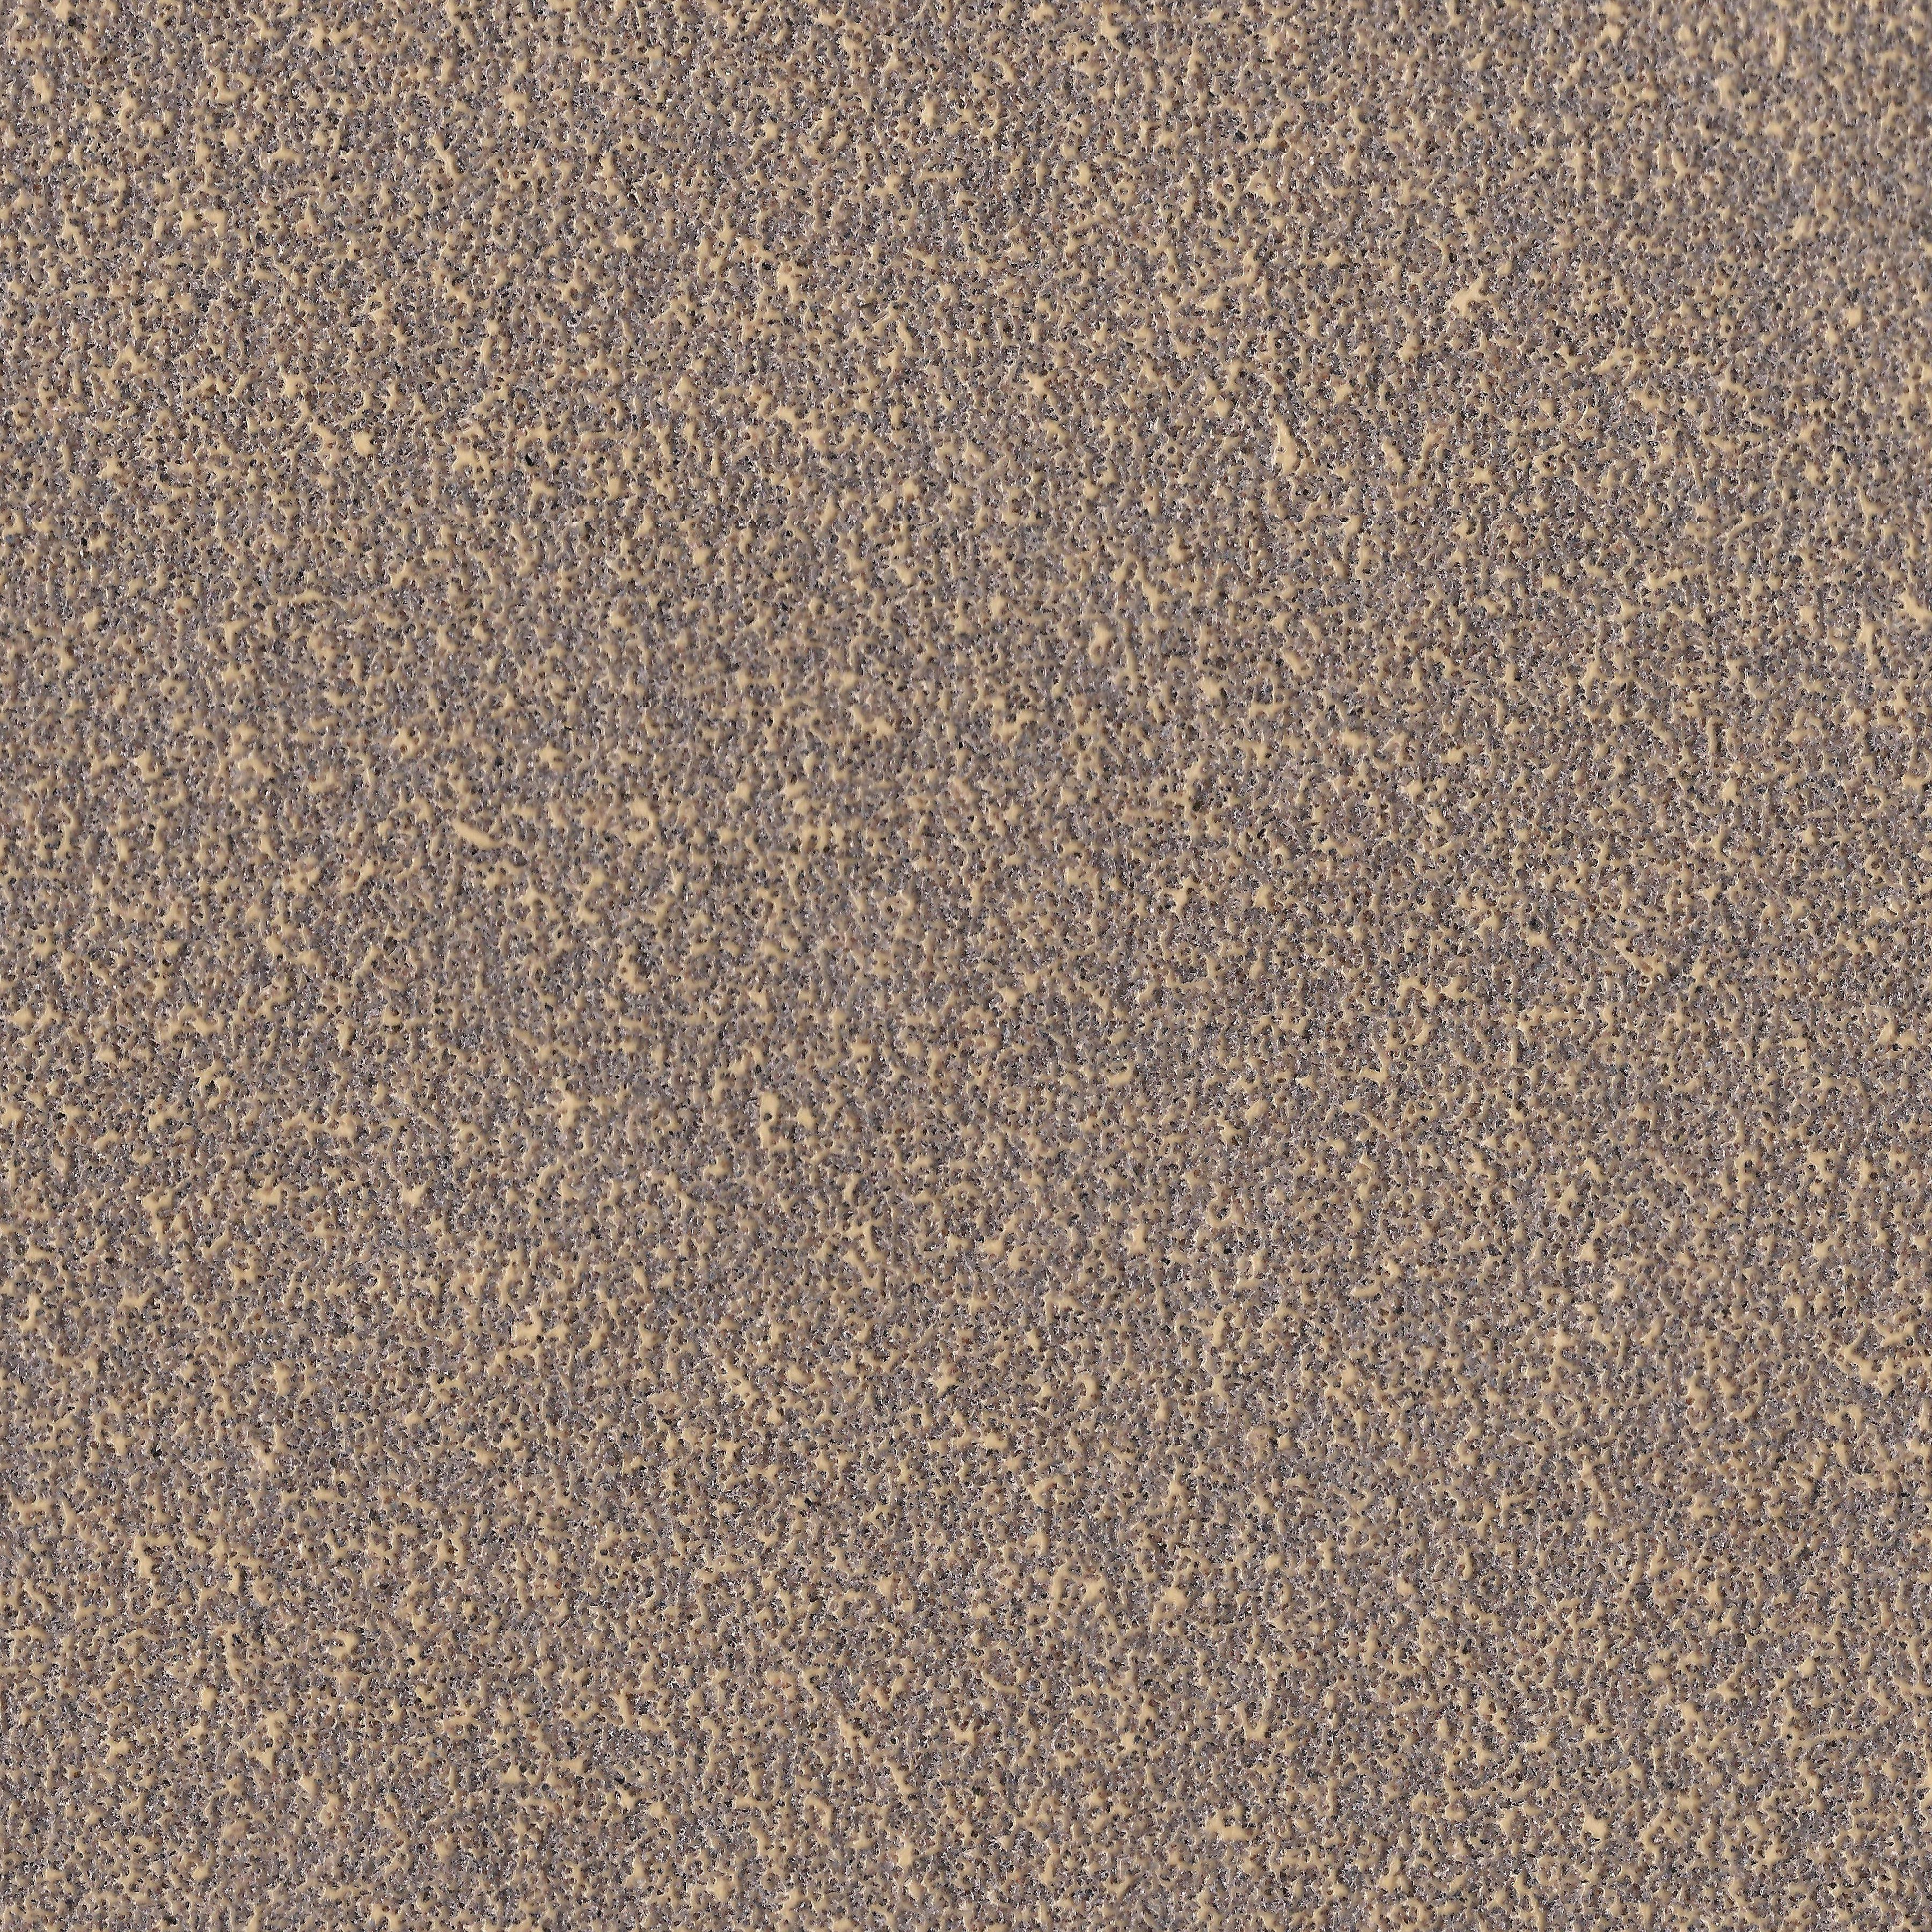 Coarse Grain Sandpaper Texture Picture | Free Photograph | Photos Public Domain